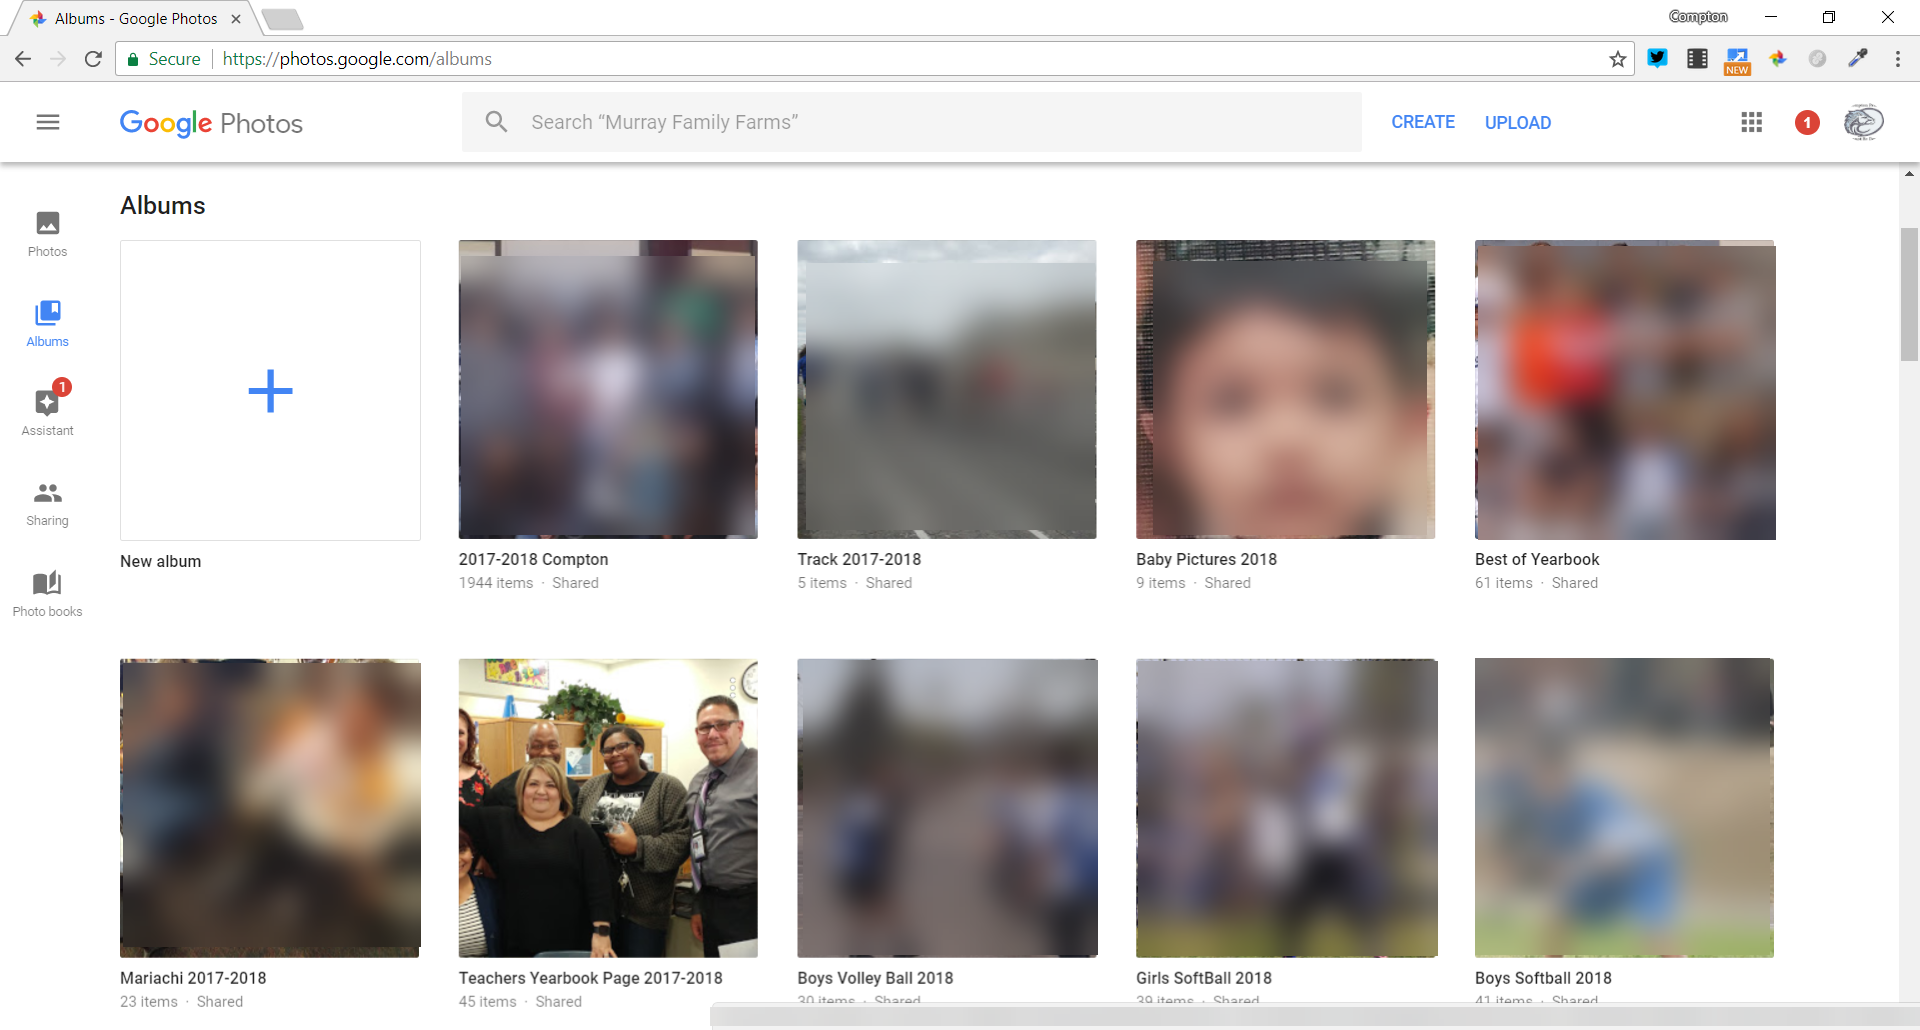 Google Photos Albums example